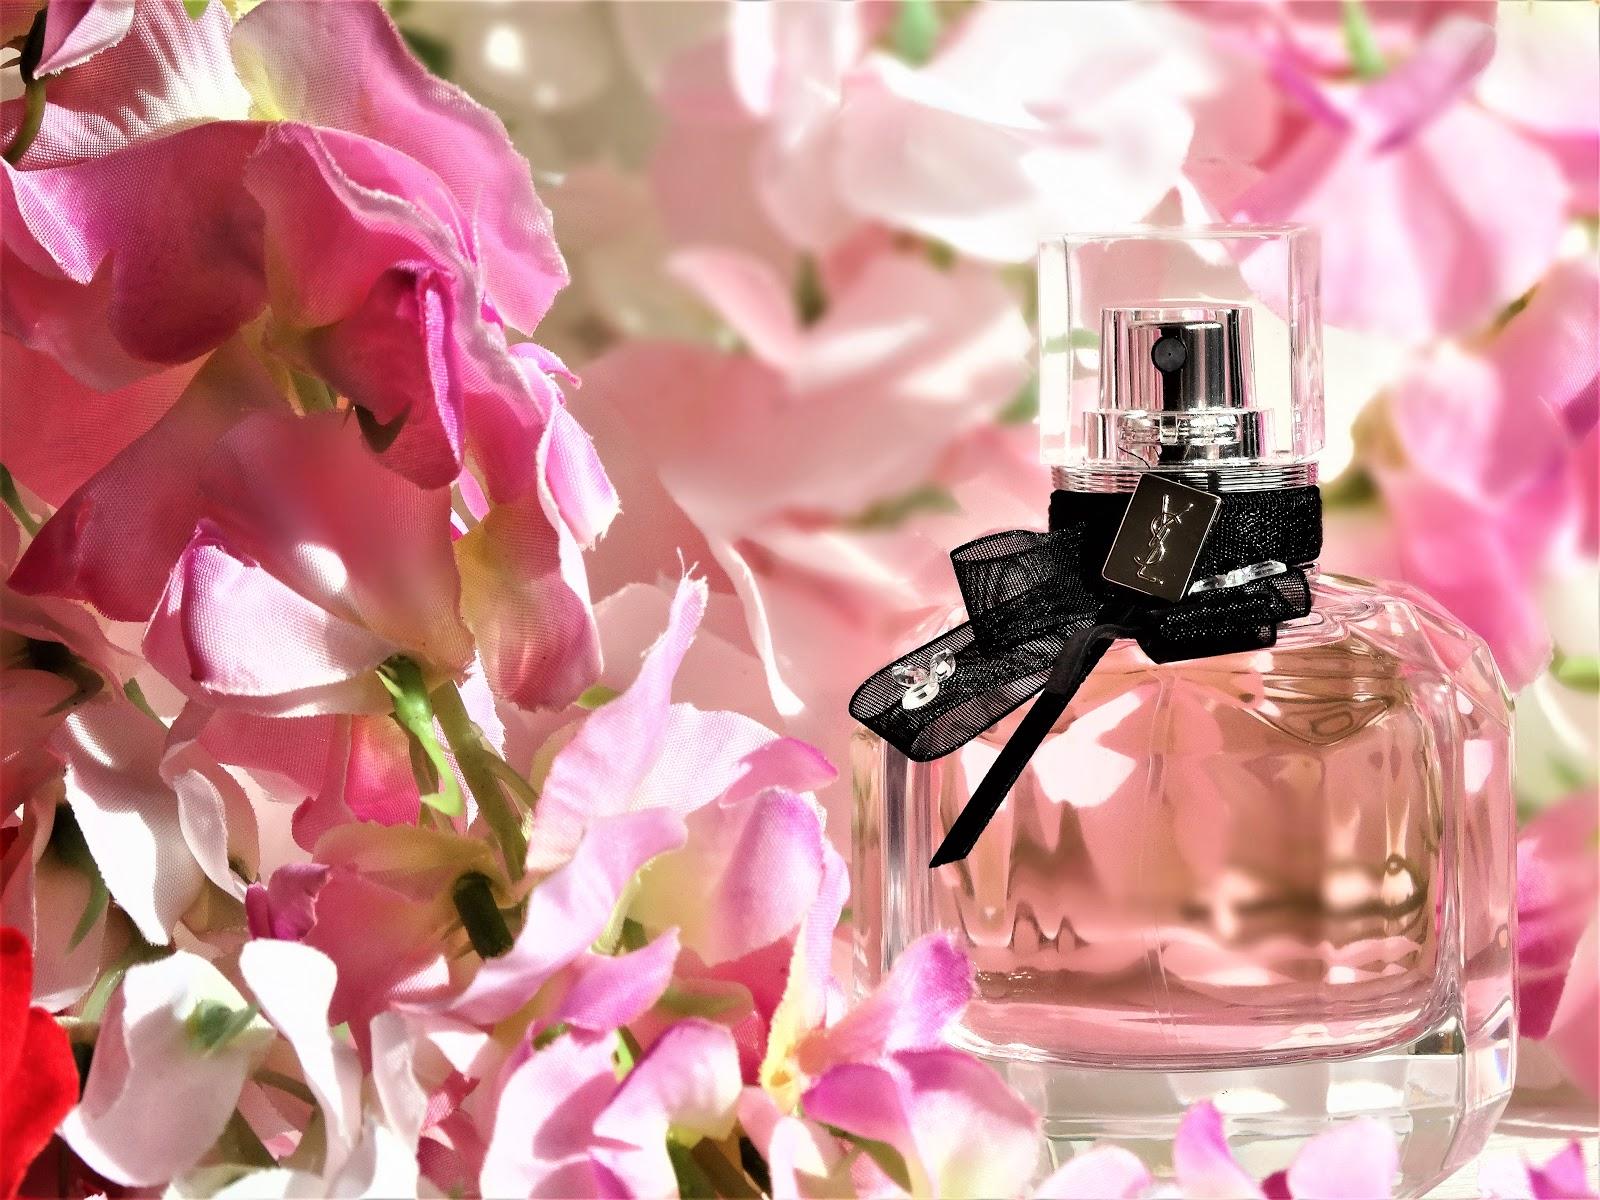 Mon Paris Parfum Floral Le Nouveau Parfum Romantique De Ysl